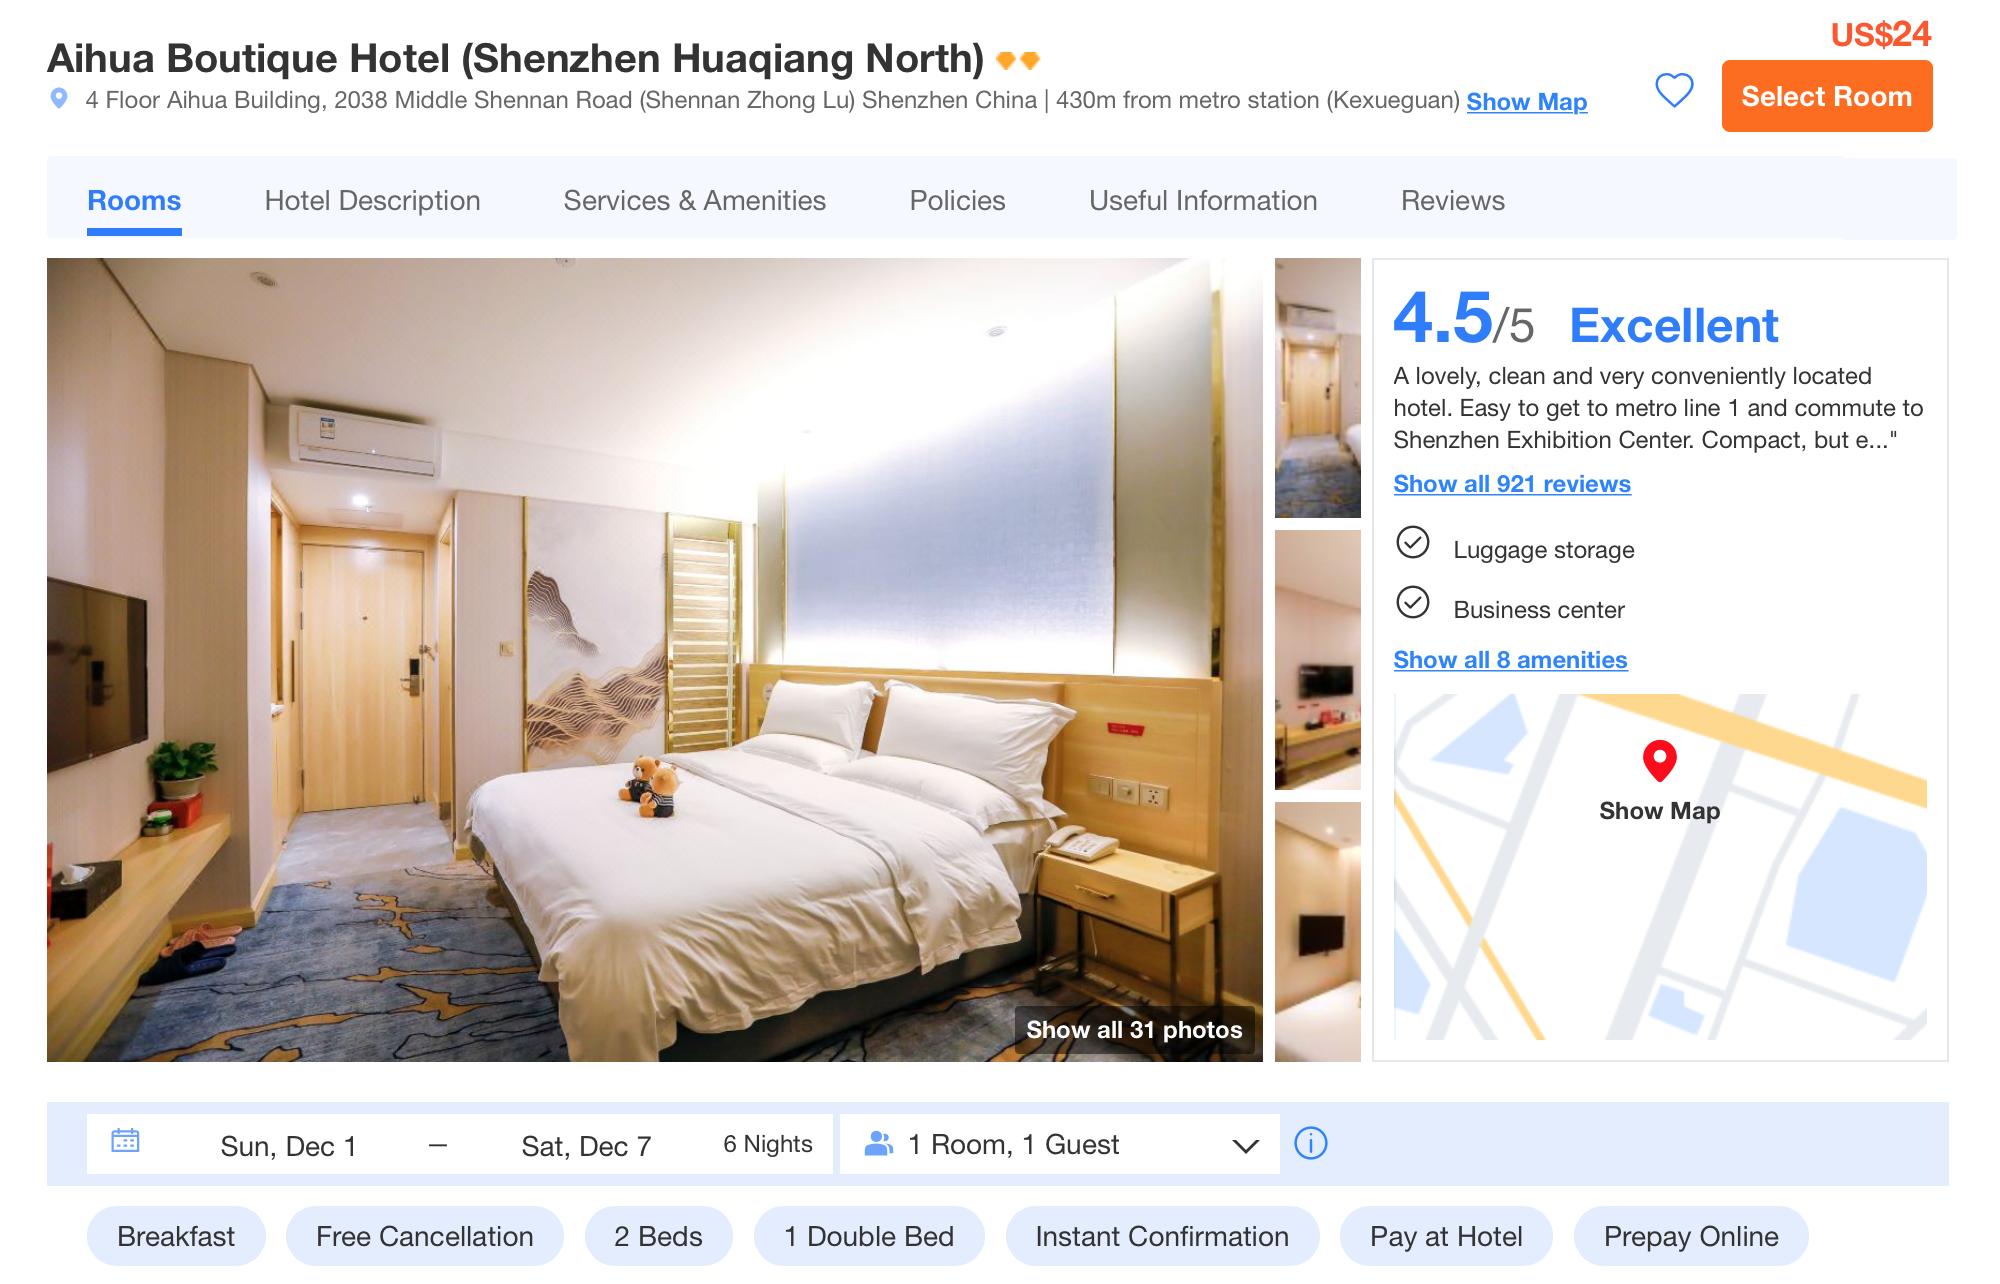 Месяц в отеле «Айхуа» обойдется в 720$ (около 45 000<span class=ruble>Р</span>)